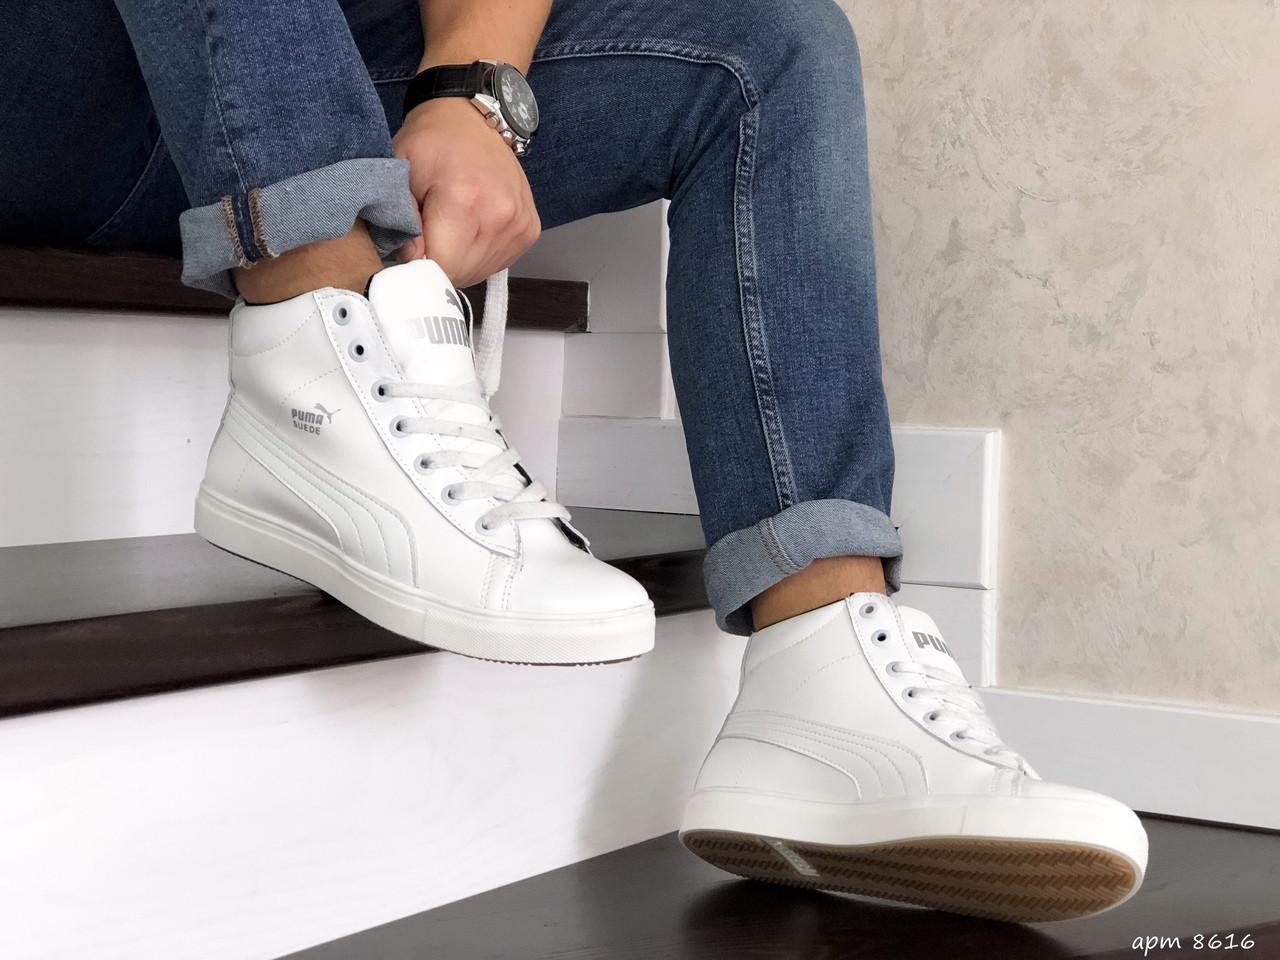 Чоловічі зимові кросівки Puma Suede (білі)